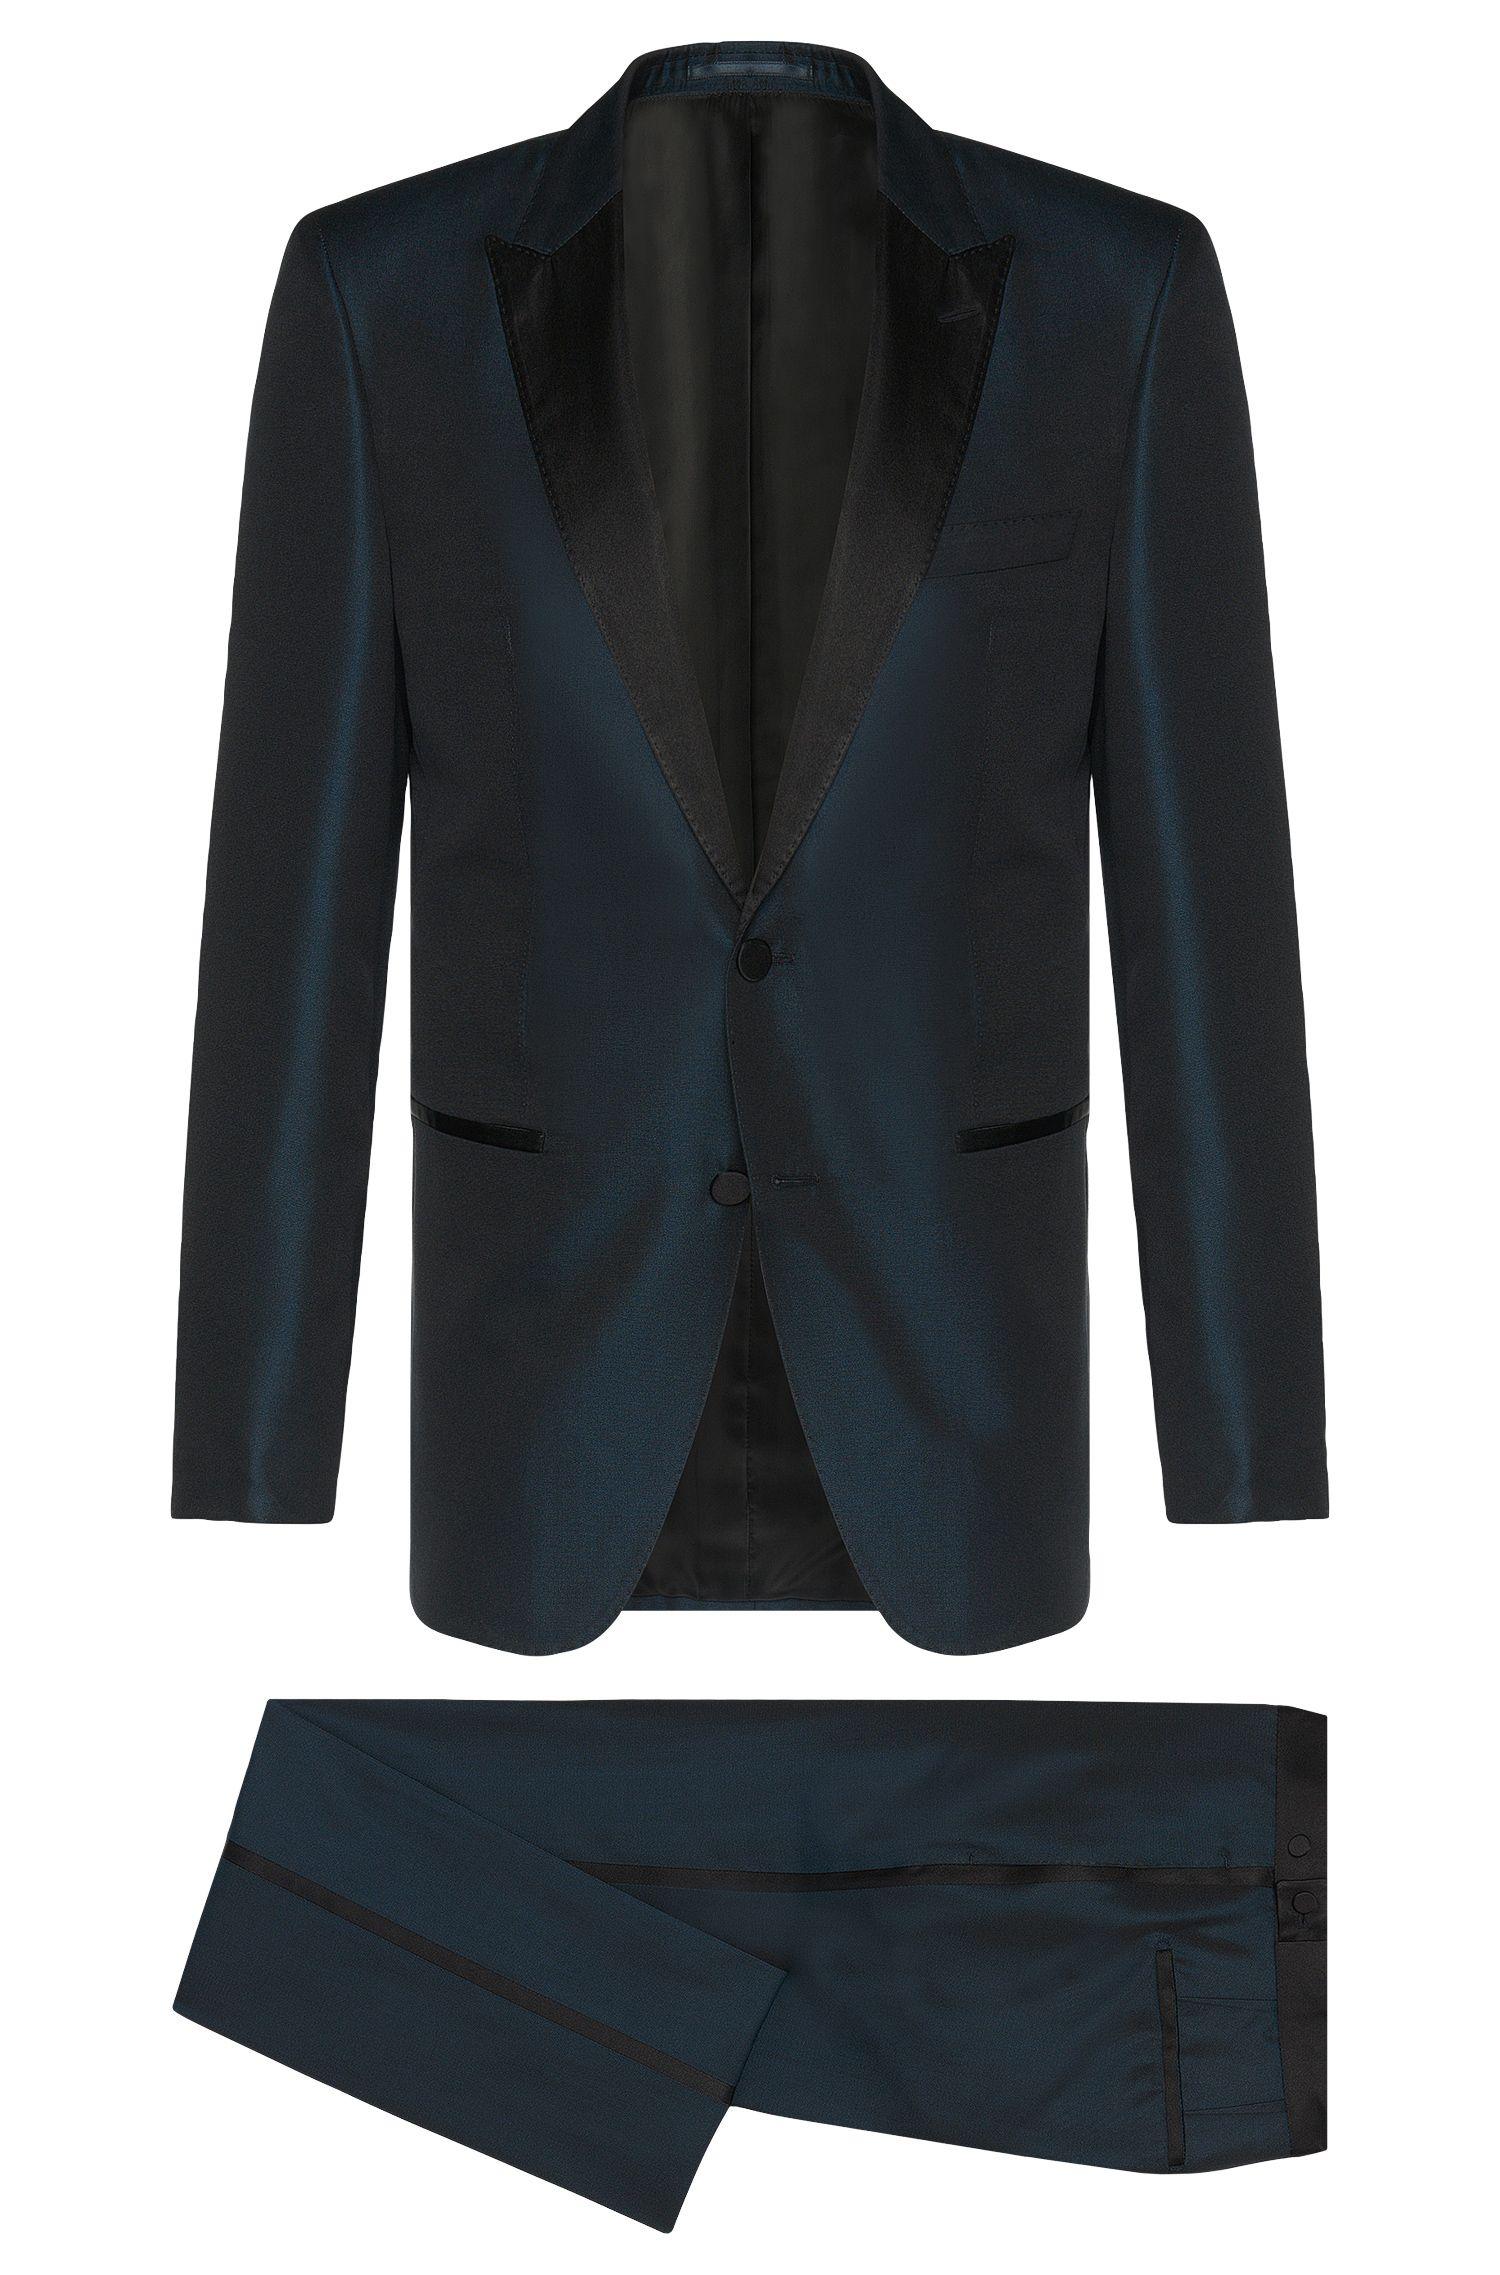 'T-Hampton/Glad' | Slim Fit, Italian Silk Iridescent Tuxedo